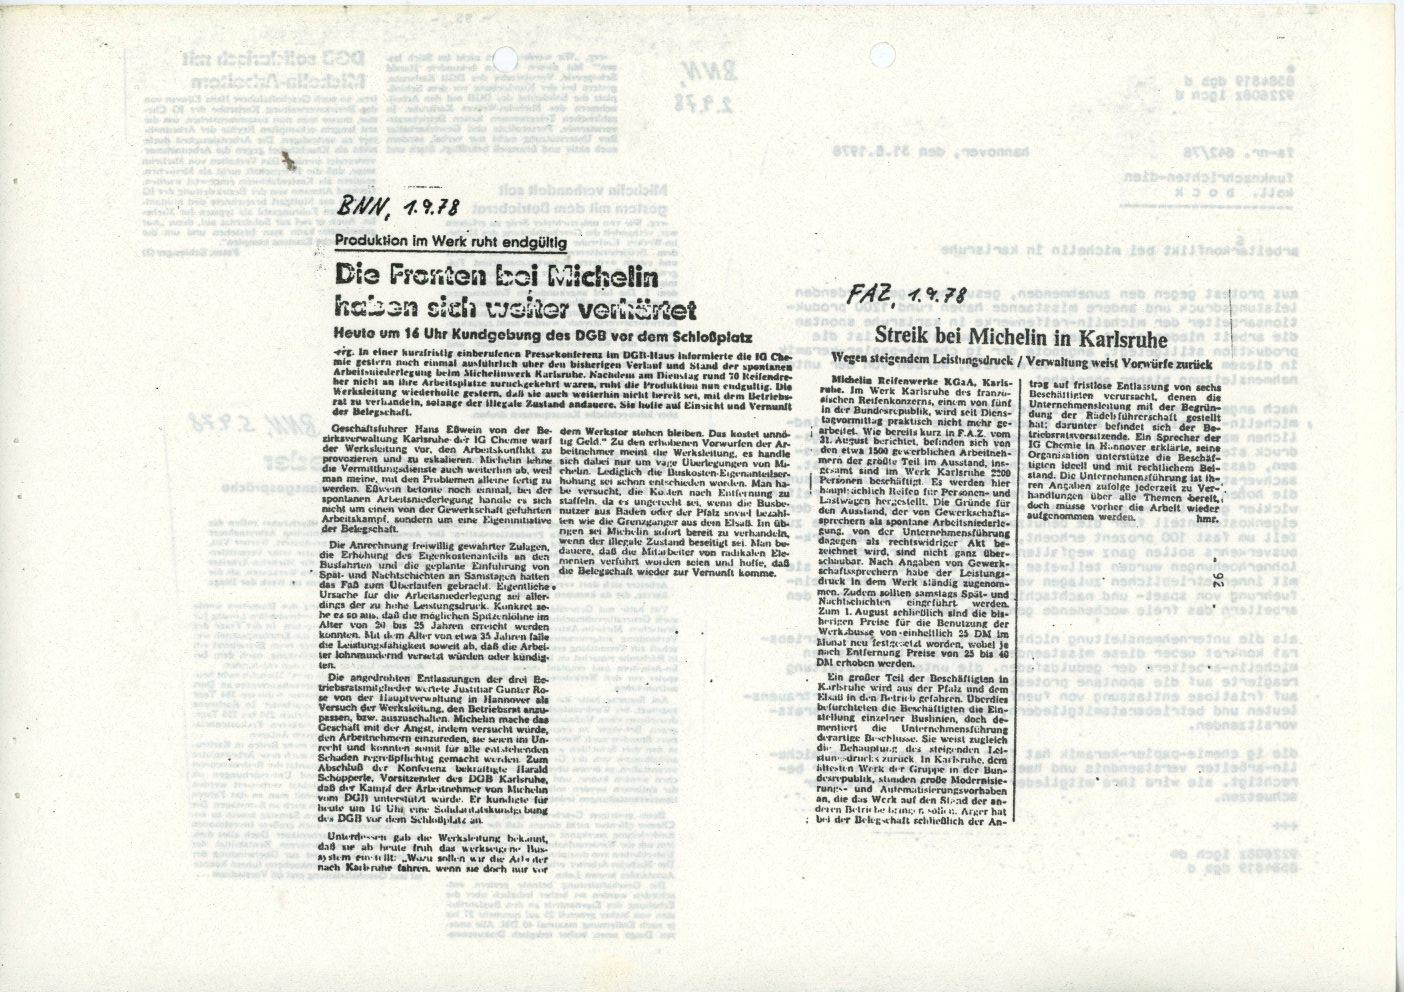 Karlsruhe_Michelin_IGCPK_Doku_zum_Arbeitskonflikt_1978_42